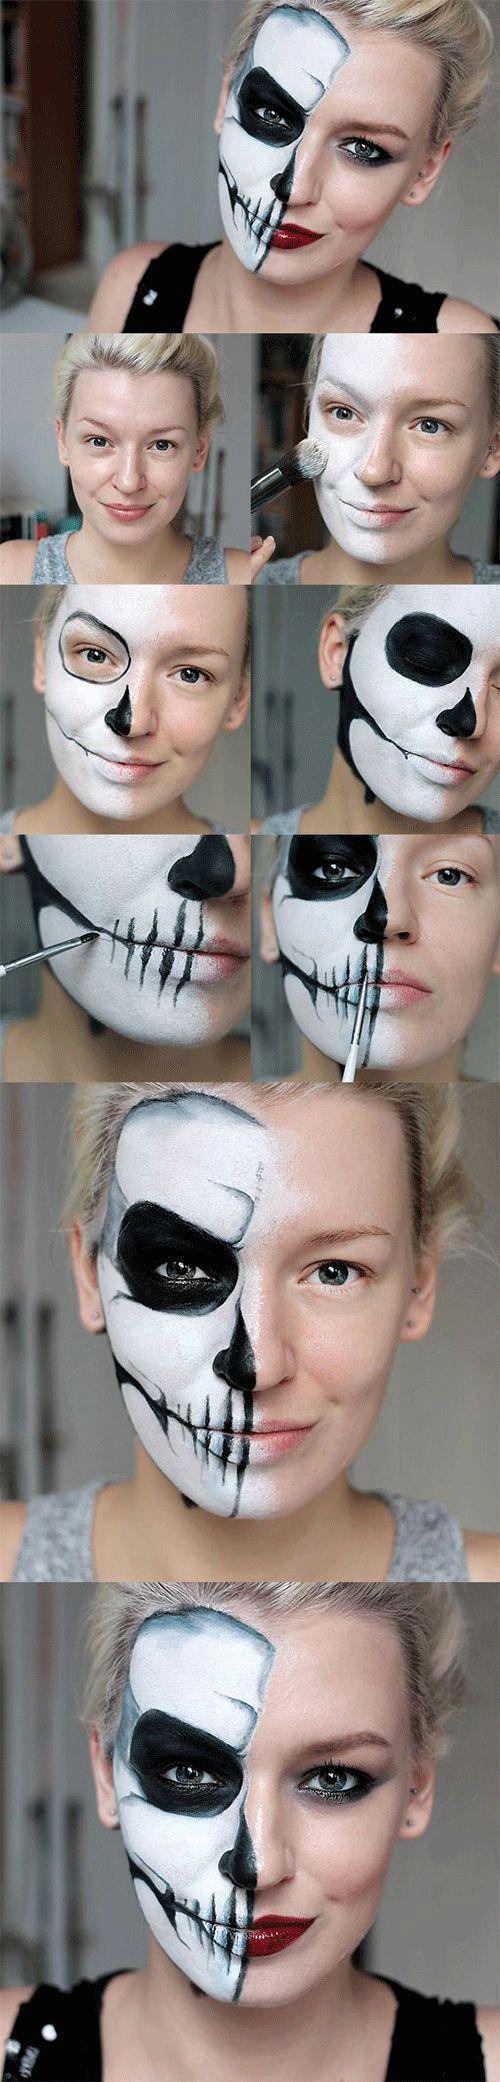 Blickfang Augen Make Up Schritt Für Schritt Foto Von #make-up 2018 20+ Einfache Für Halloween Make-up-